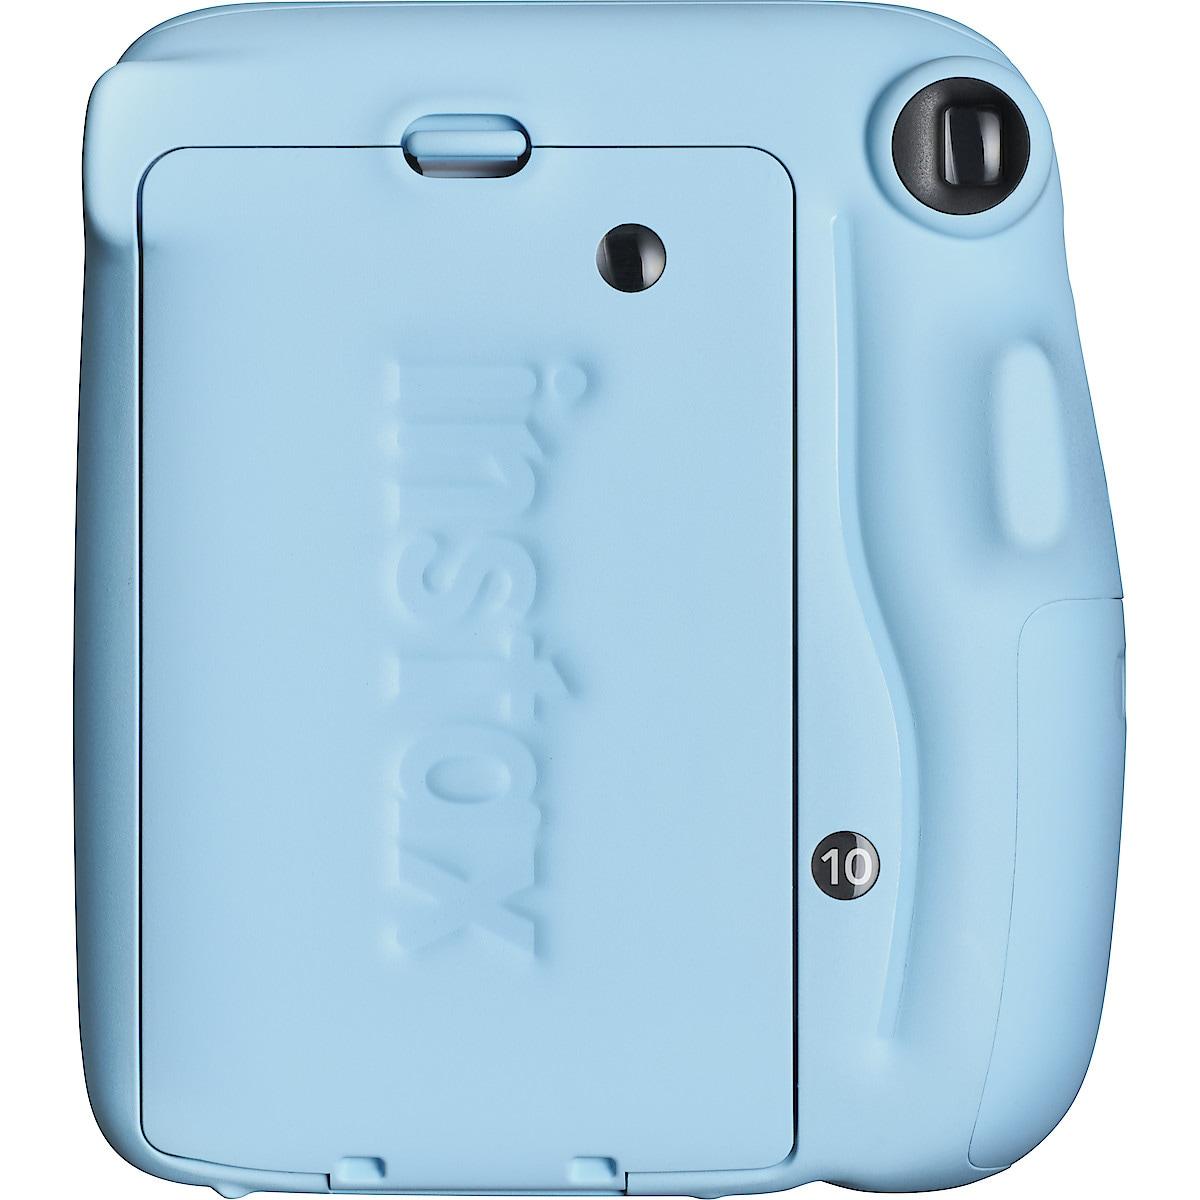 Fujifilm Instax mini 11 Kamera